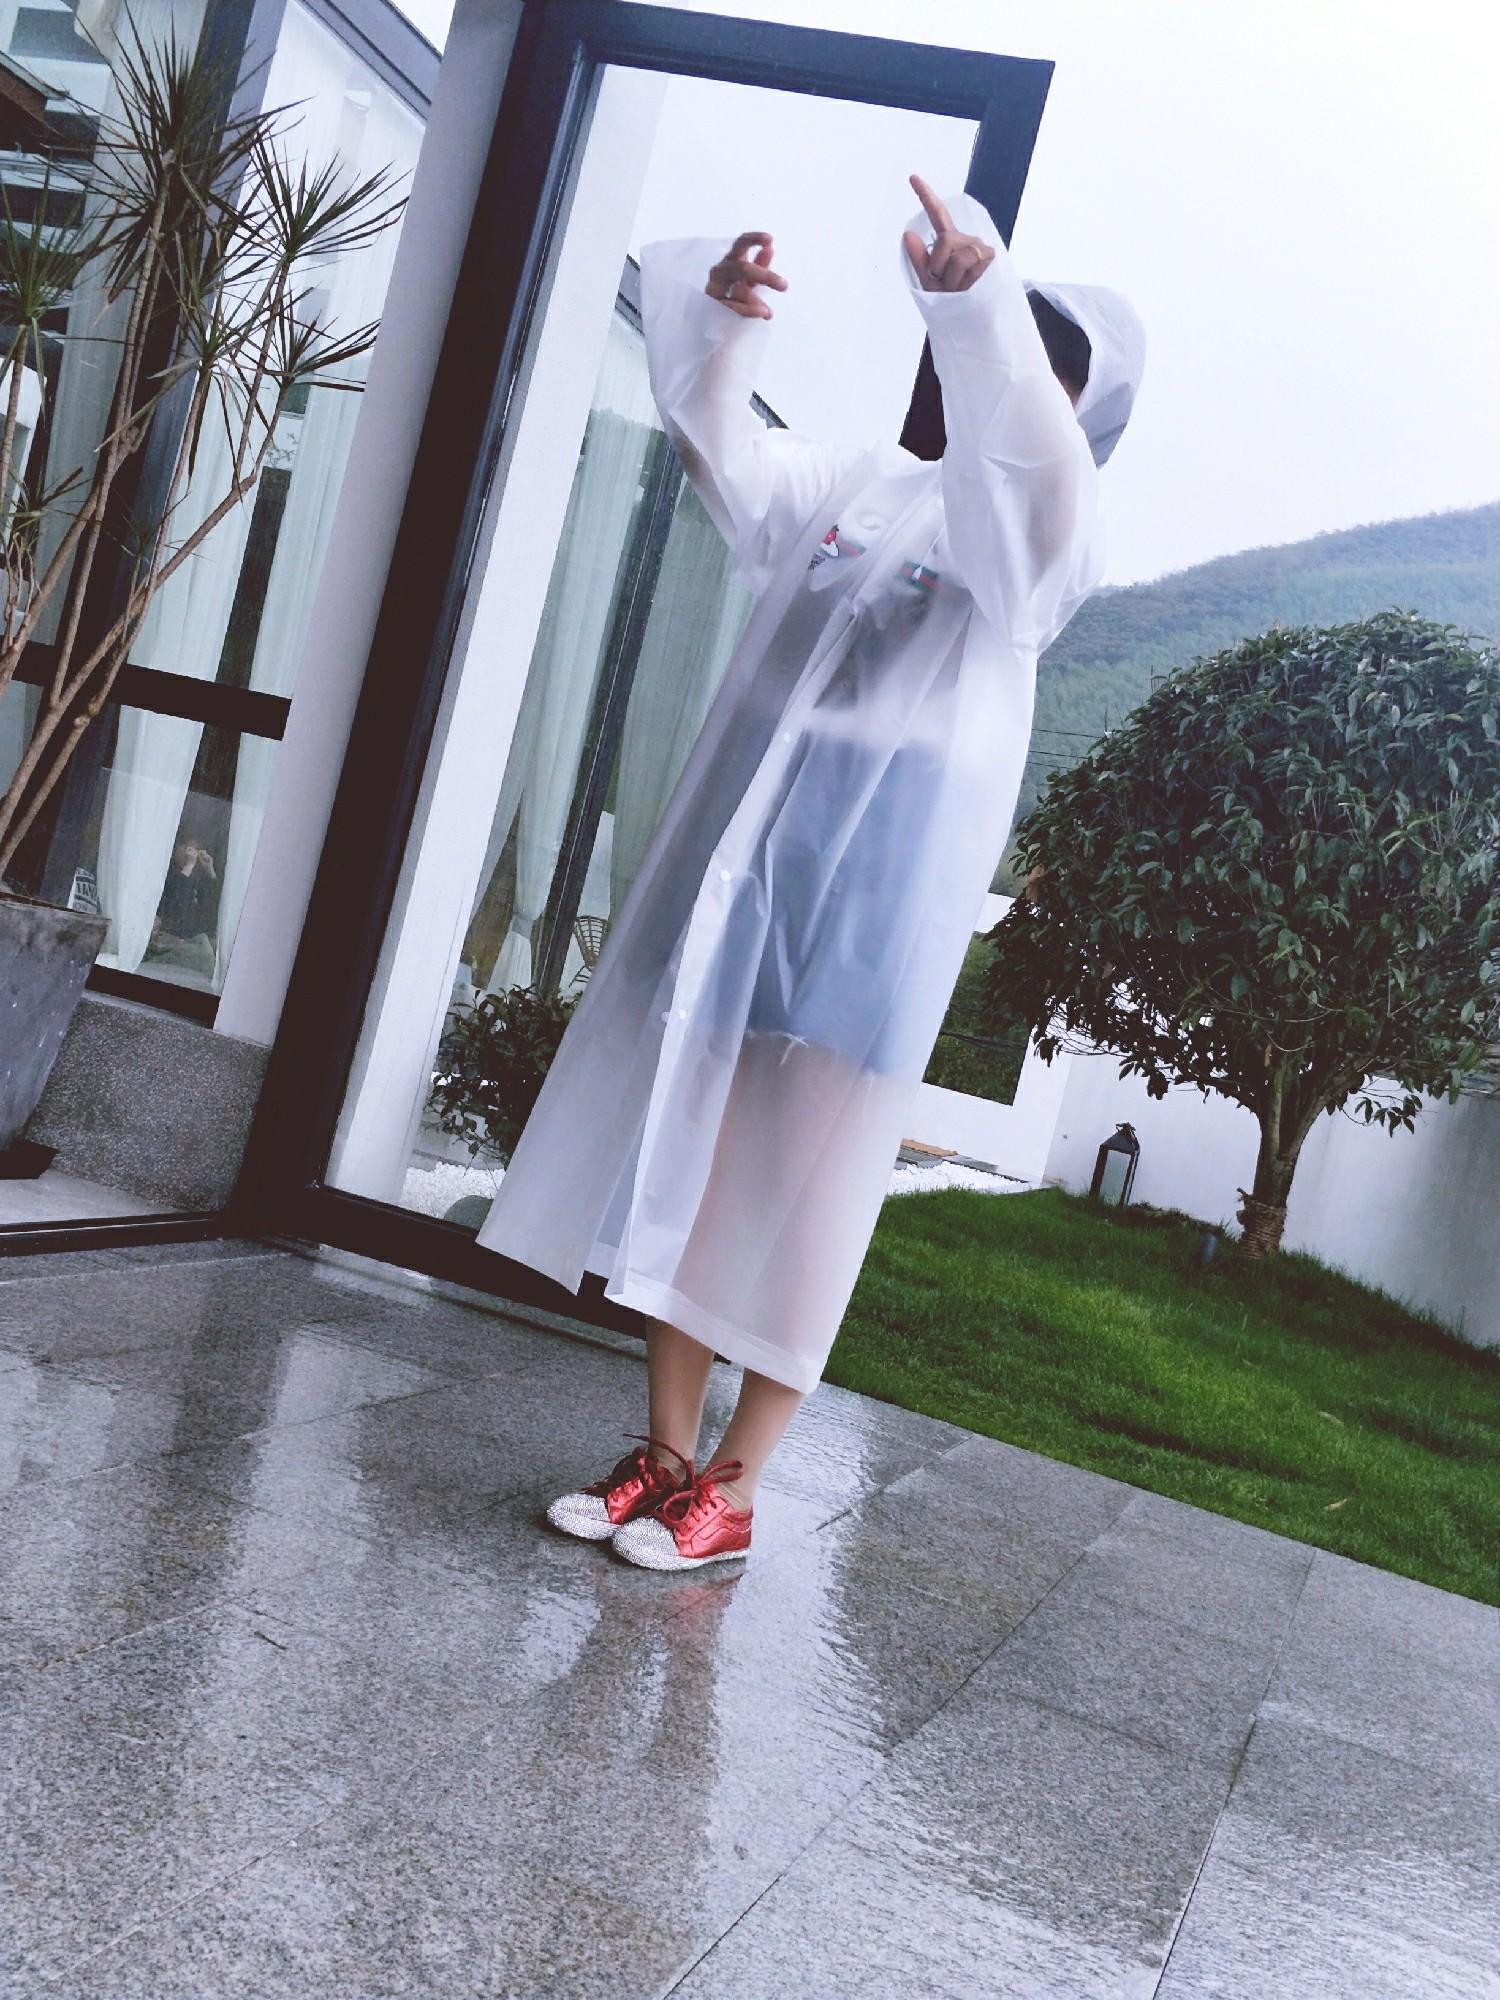 雨中人背面简笔画